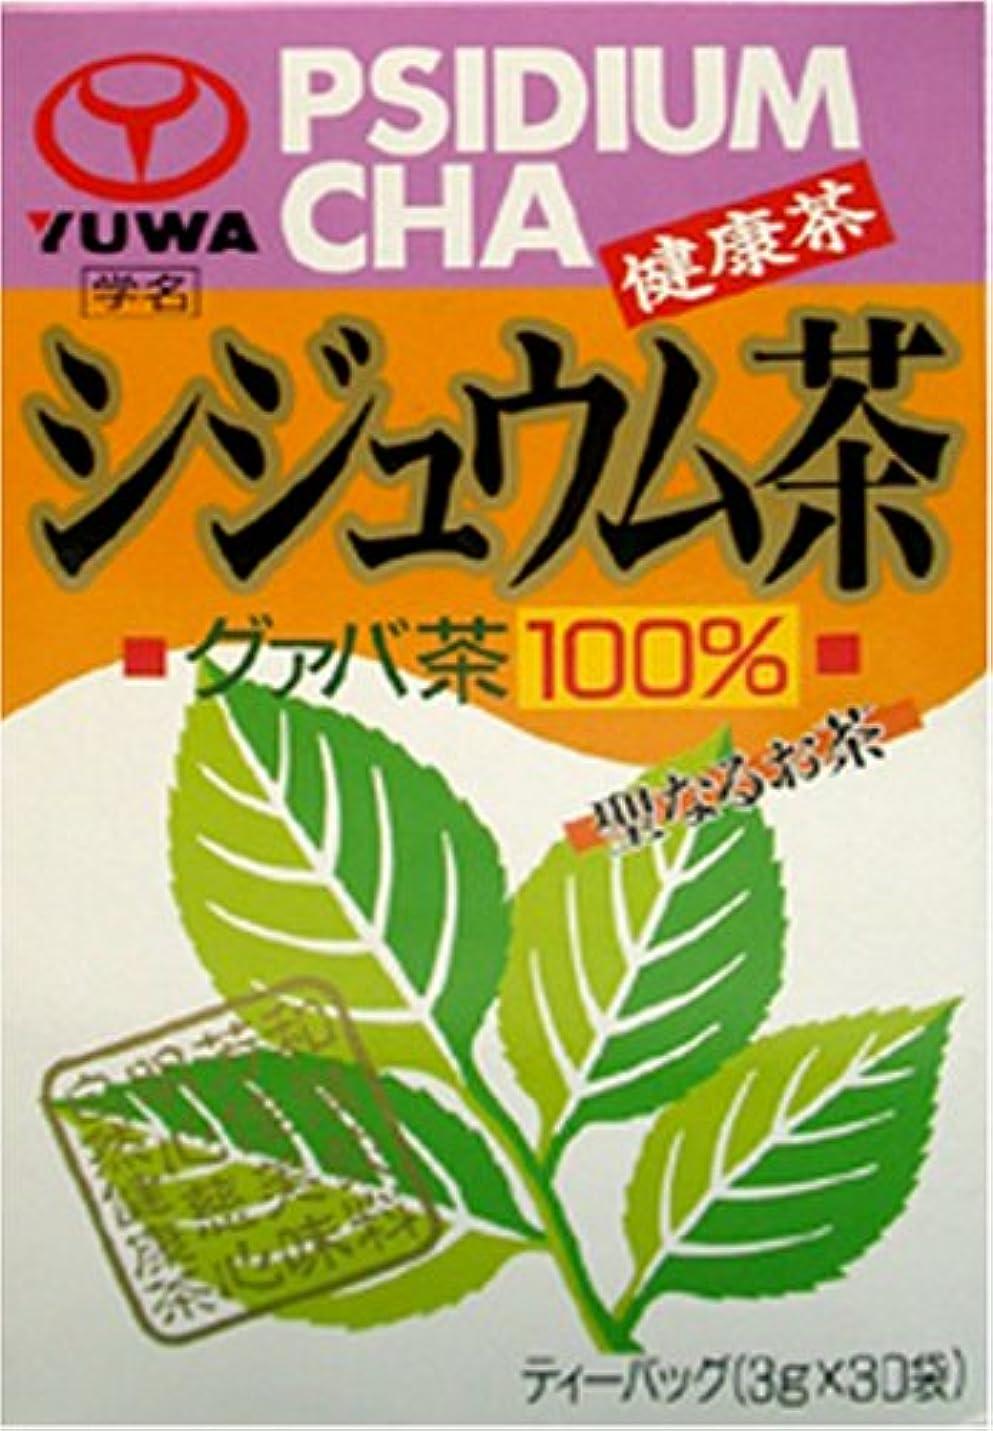 不満フォアマン火山学ユーワ シジュウム茶 30包